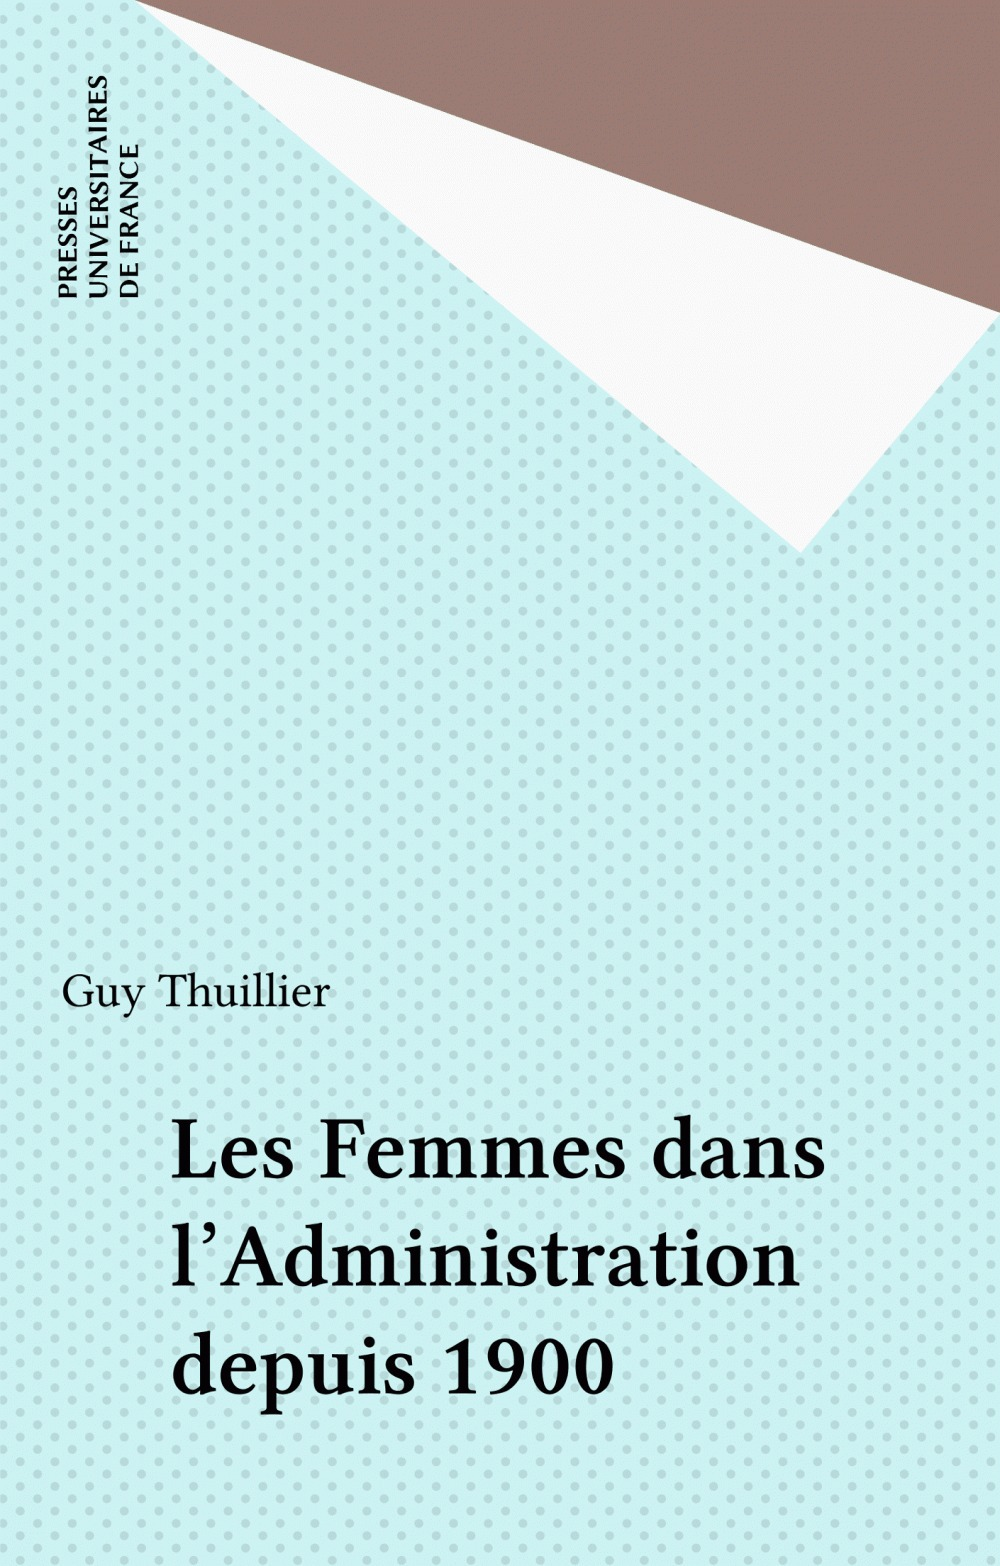 Les femmes dans l'administration depuis 1900